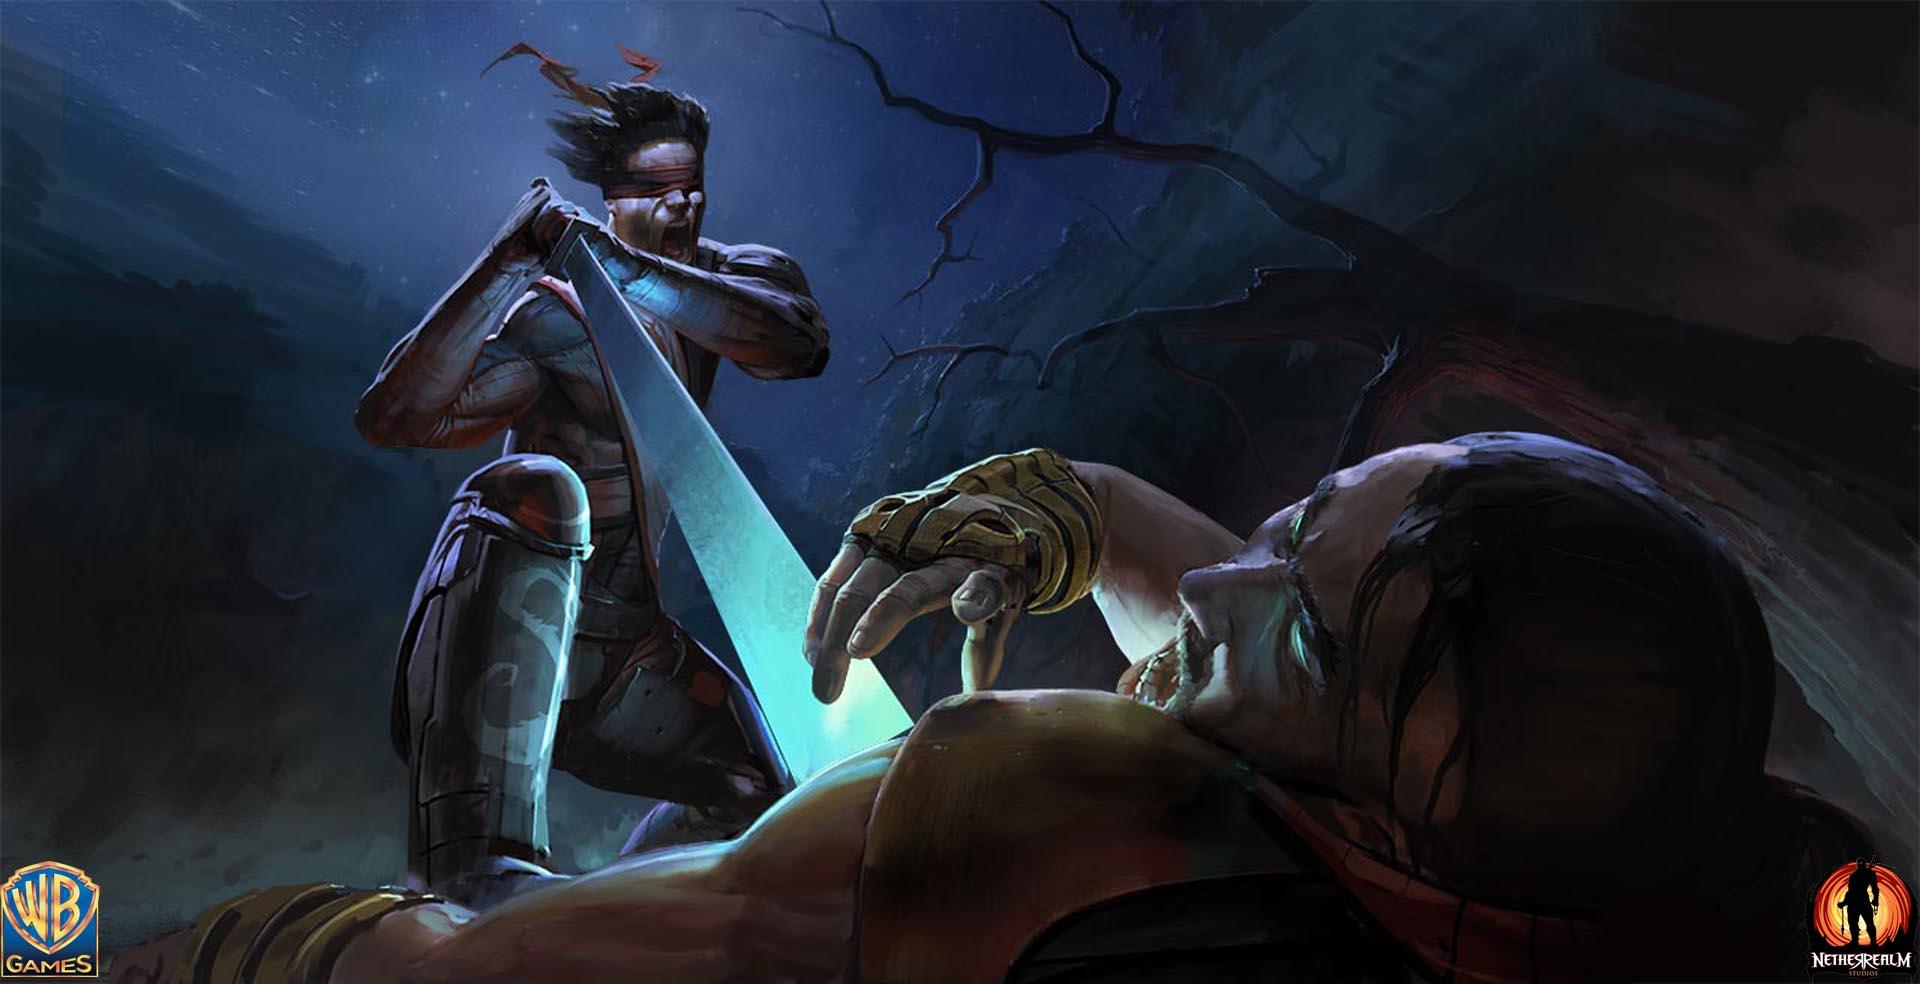 Kenshi art Mortal Kombat